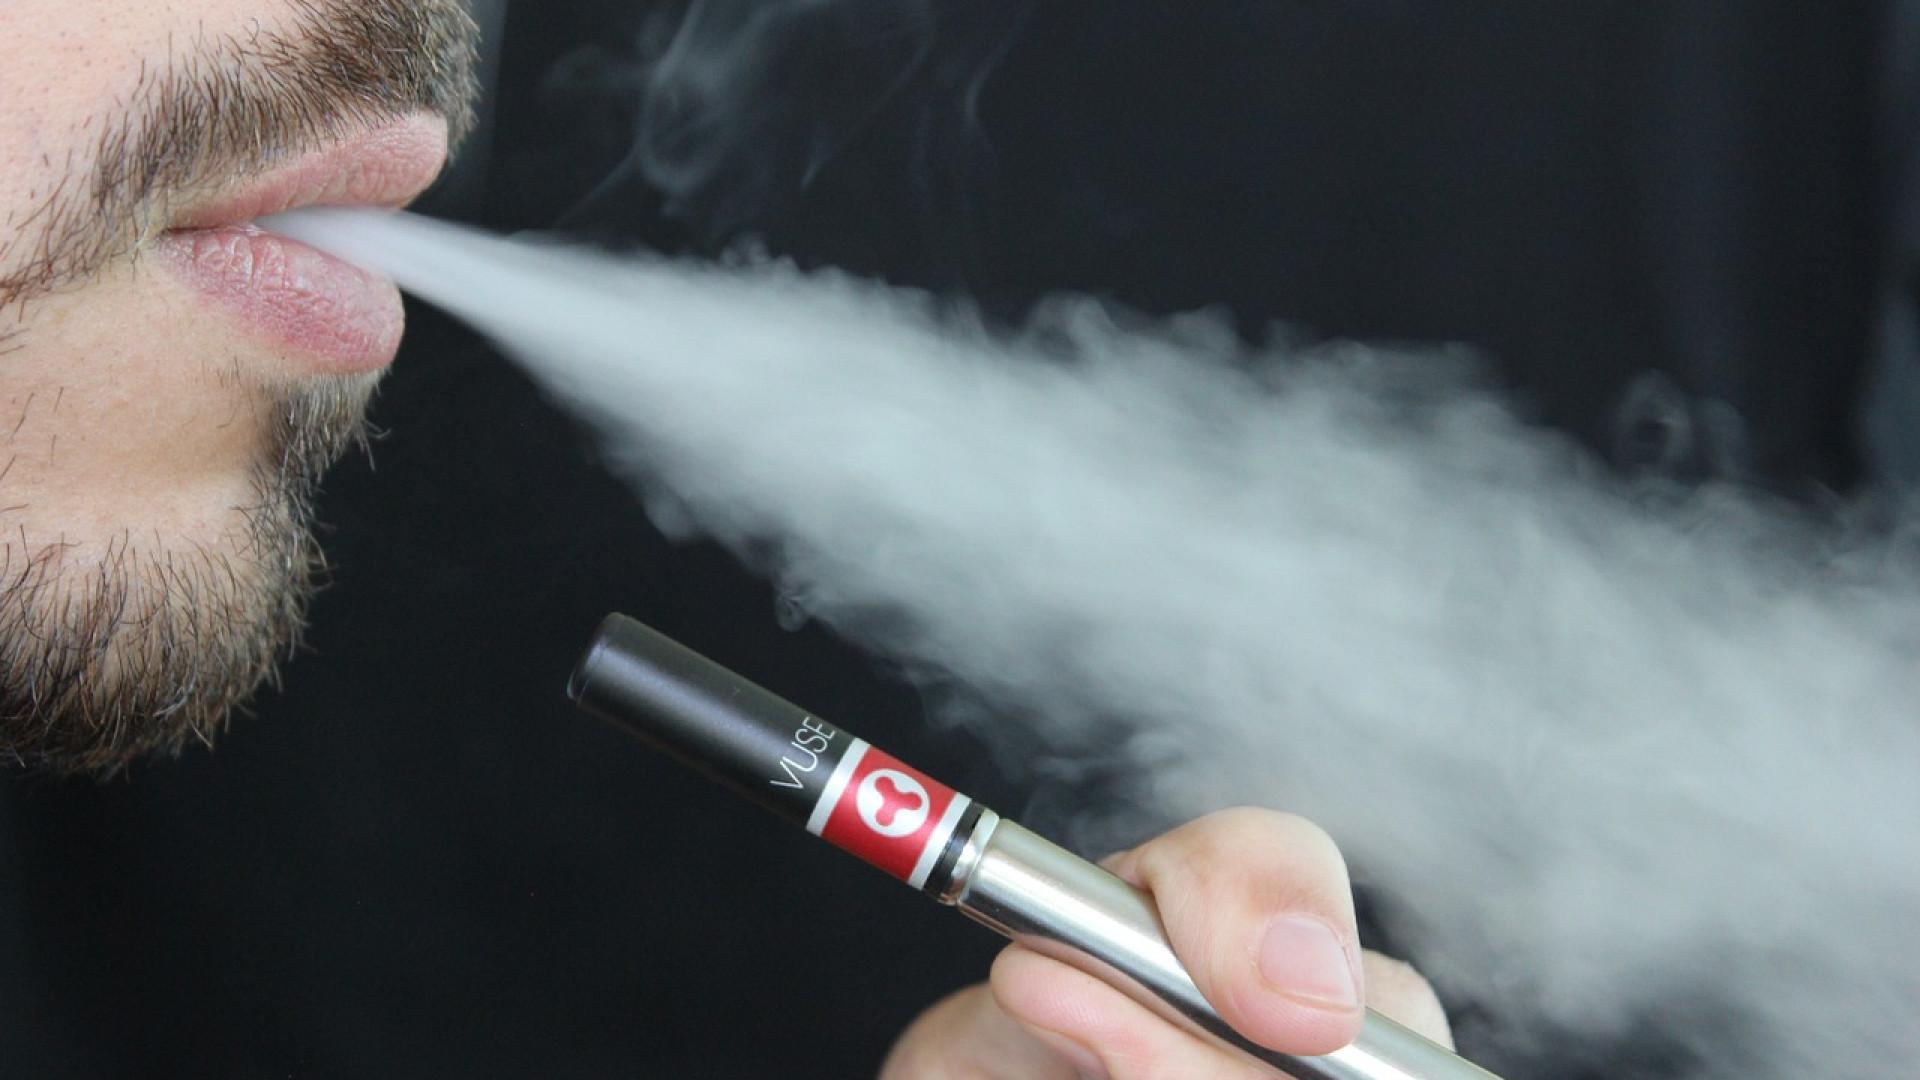 Les conseils pour bien choisir son e-liquide